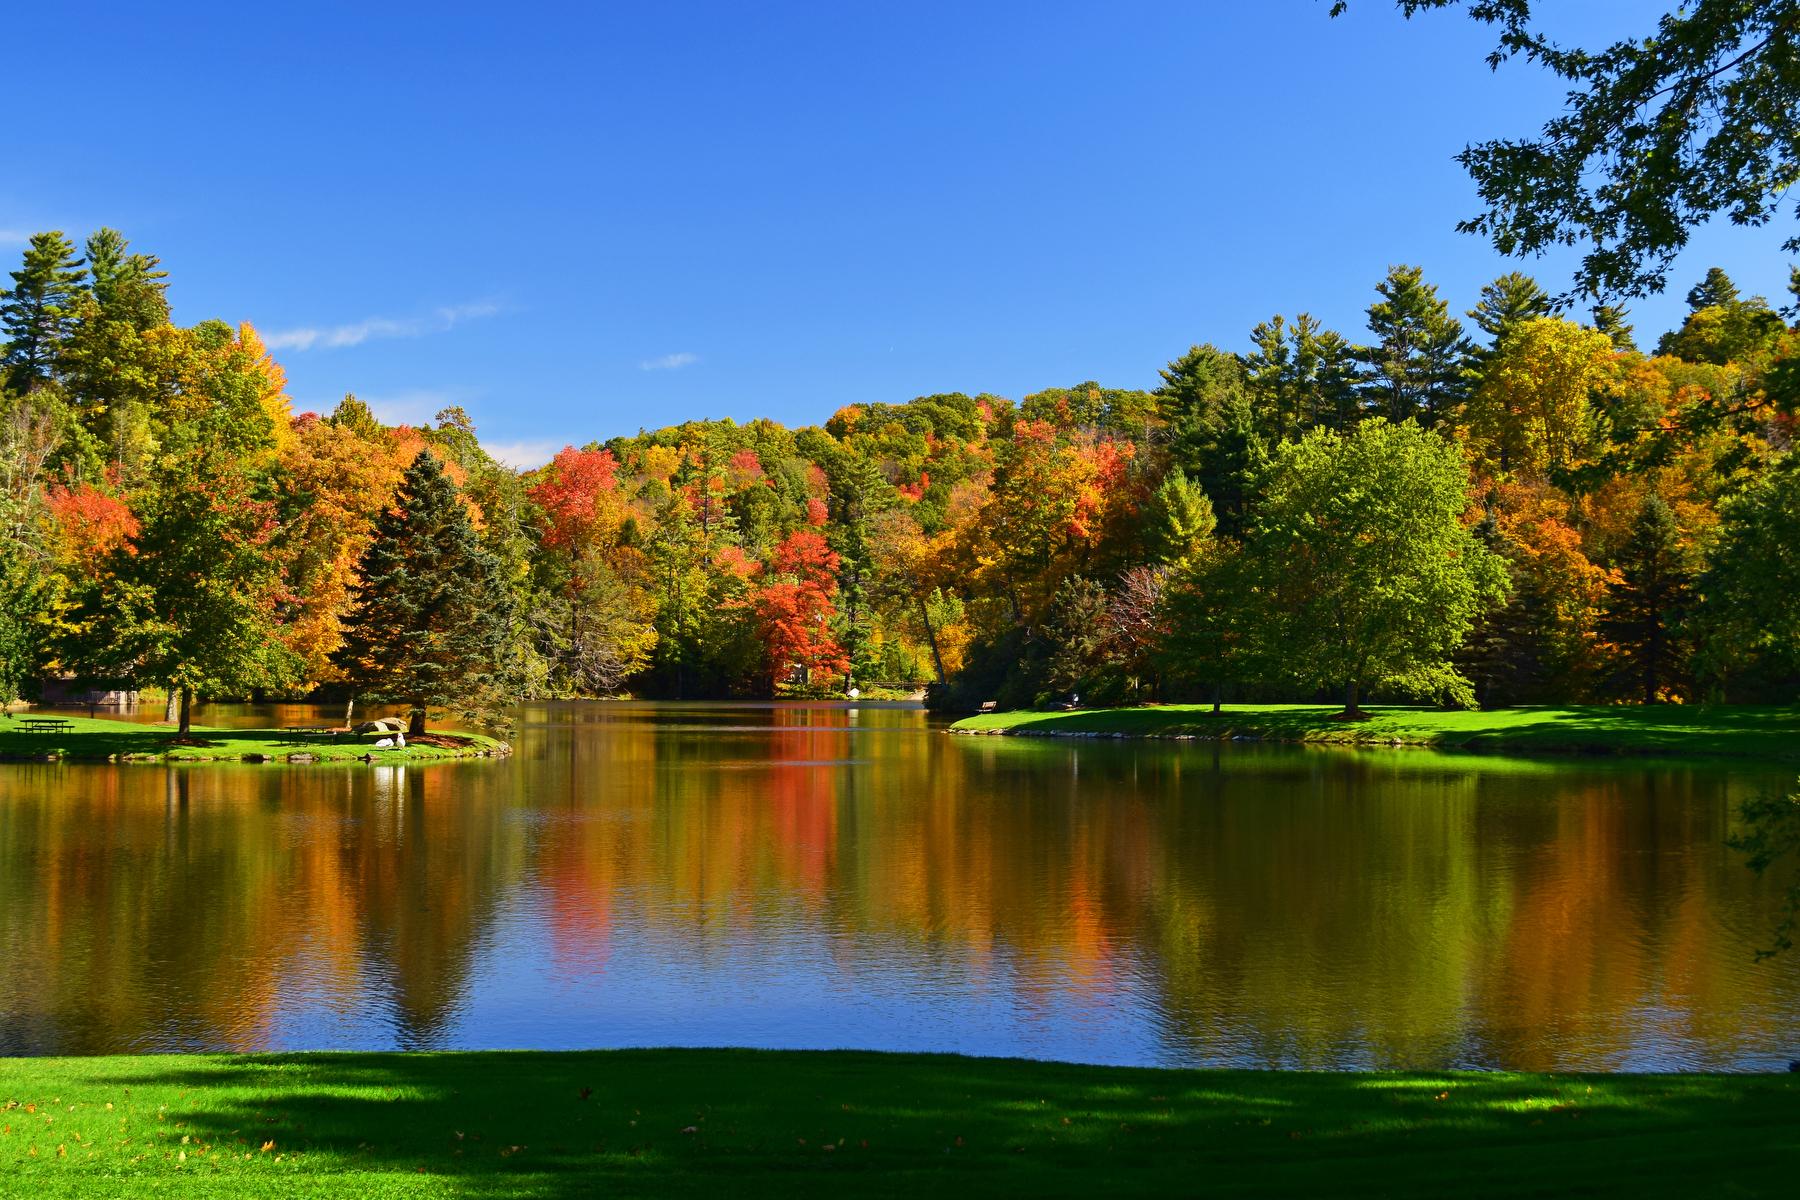 lake at fall